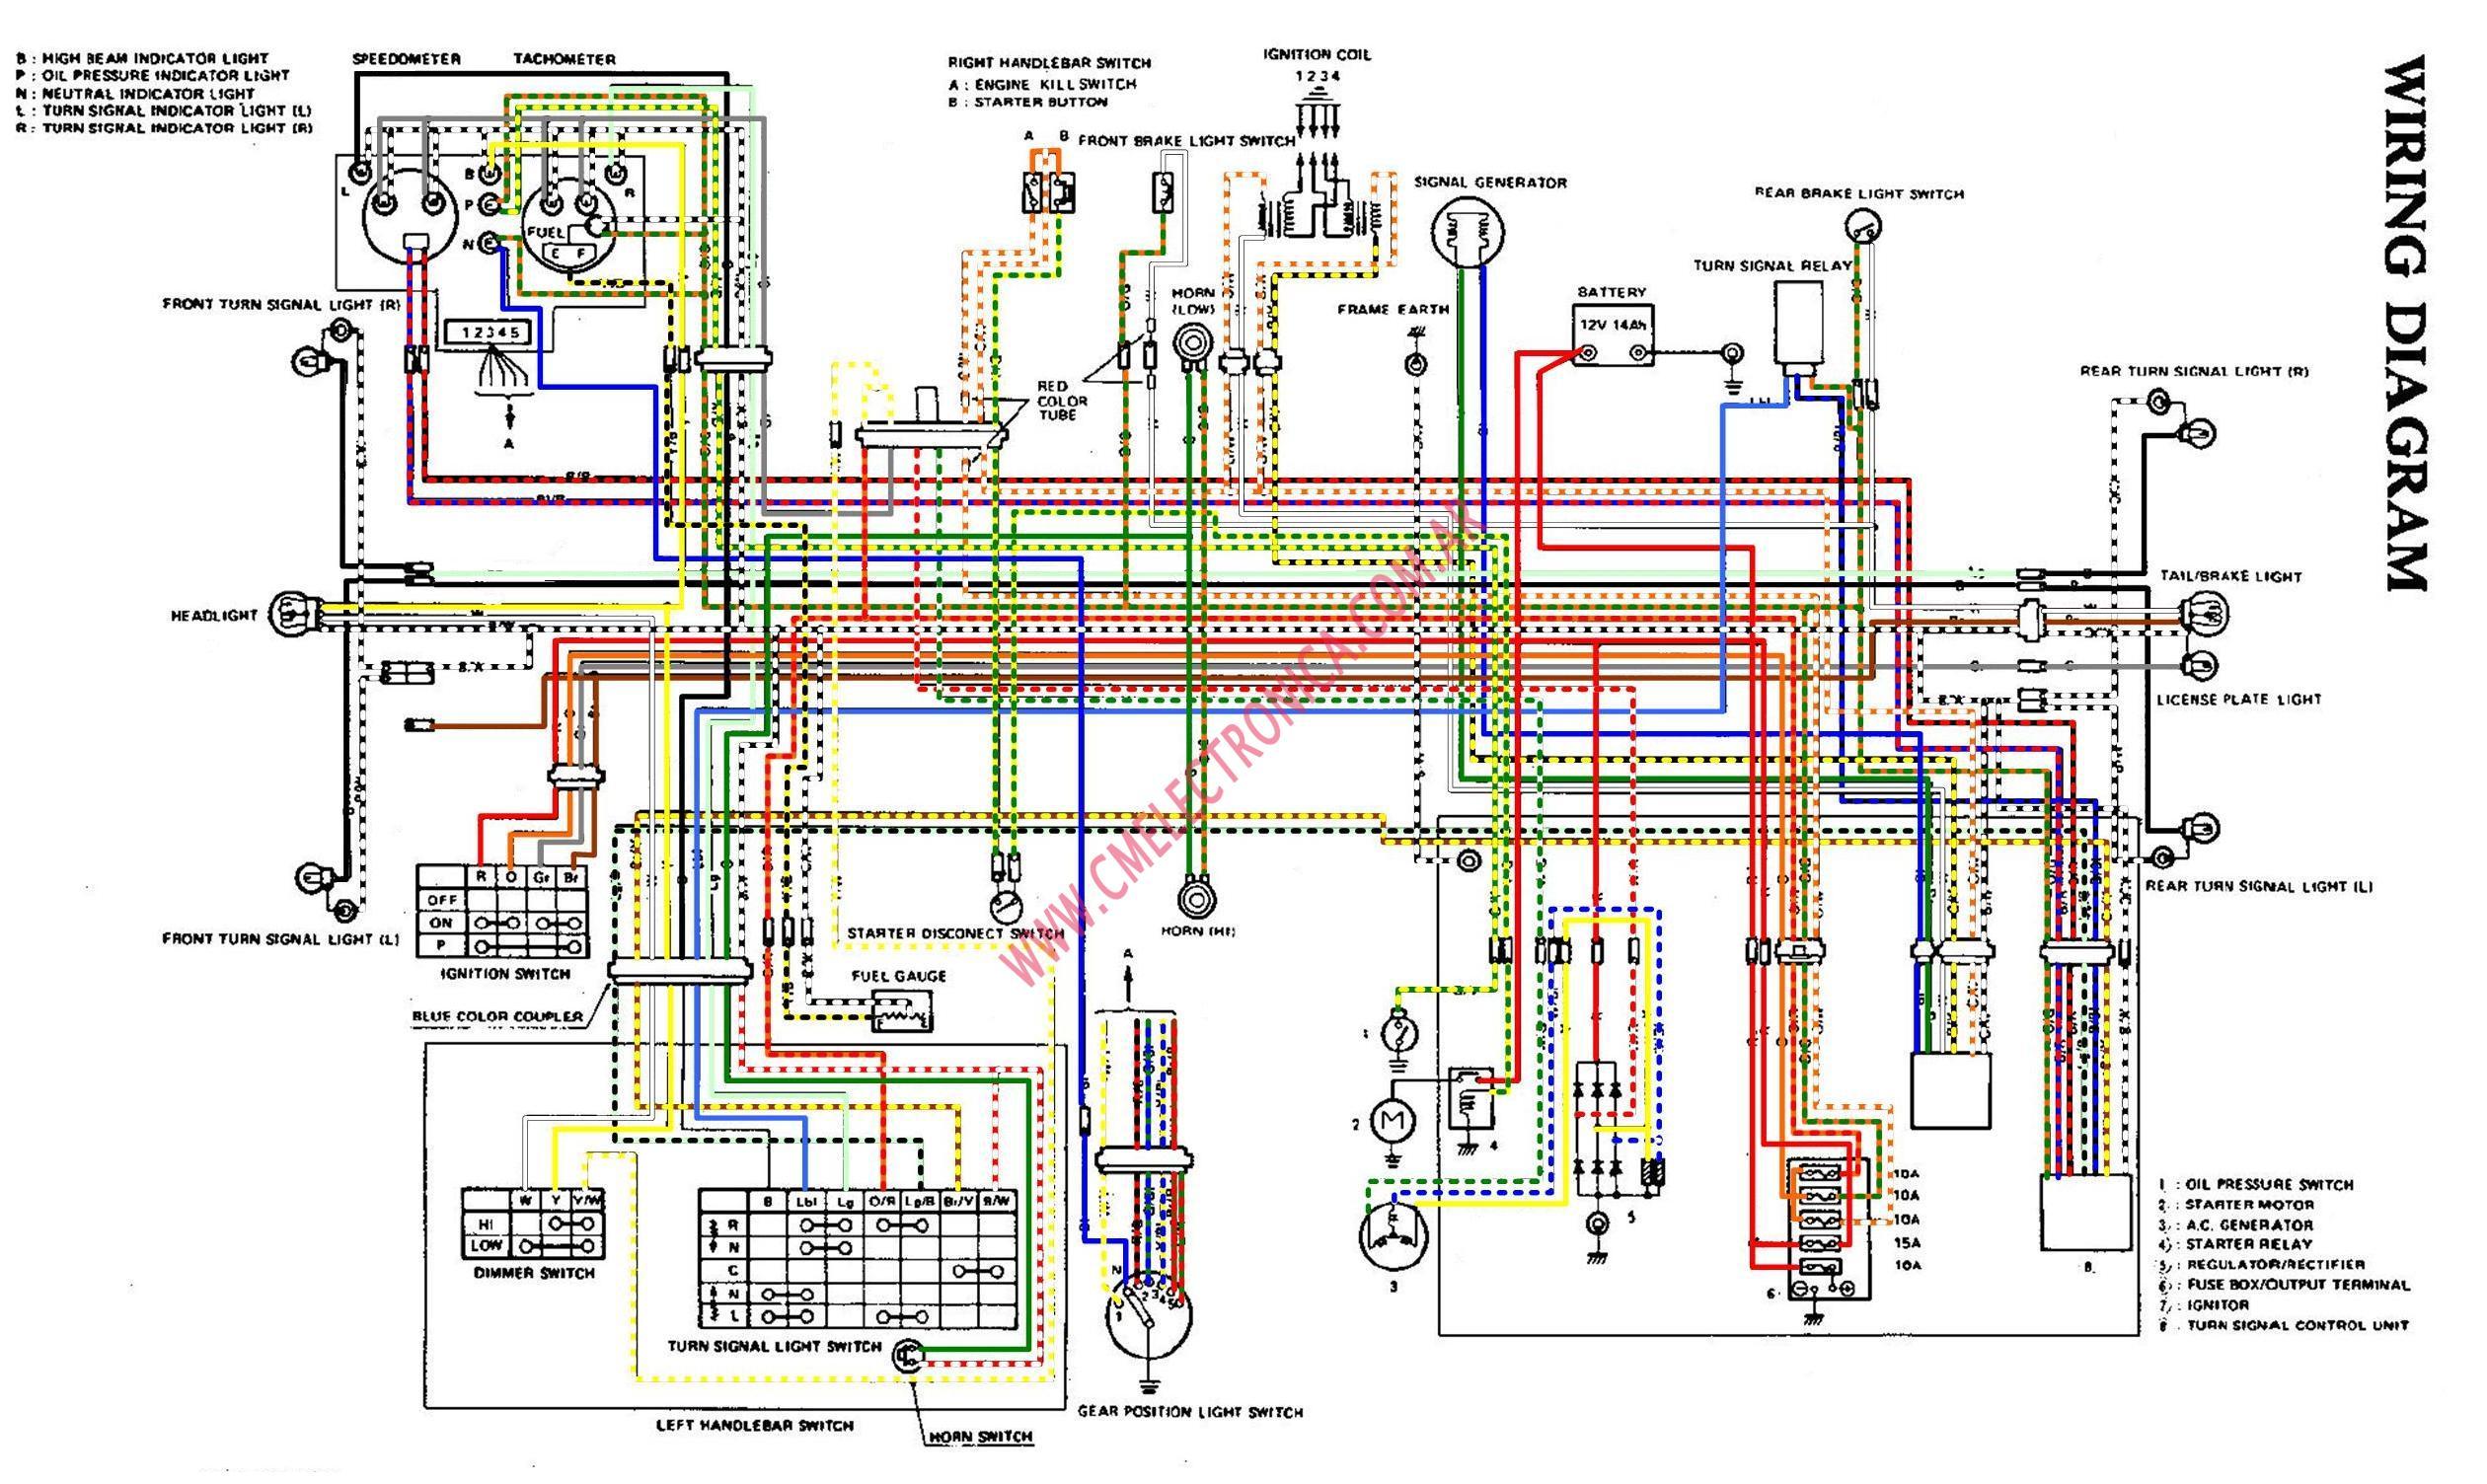 2002 Vz800 Wiring Diagram Schematics Diagrams Simple Suzuki 600 Schematic